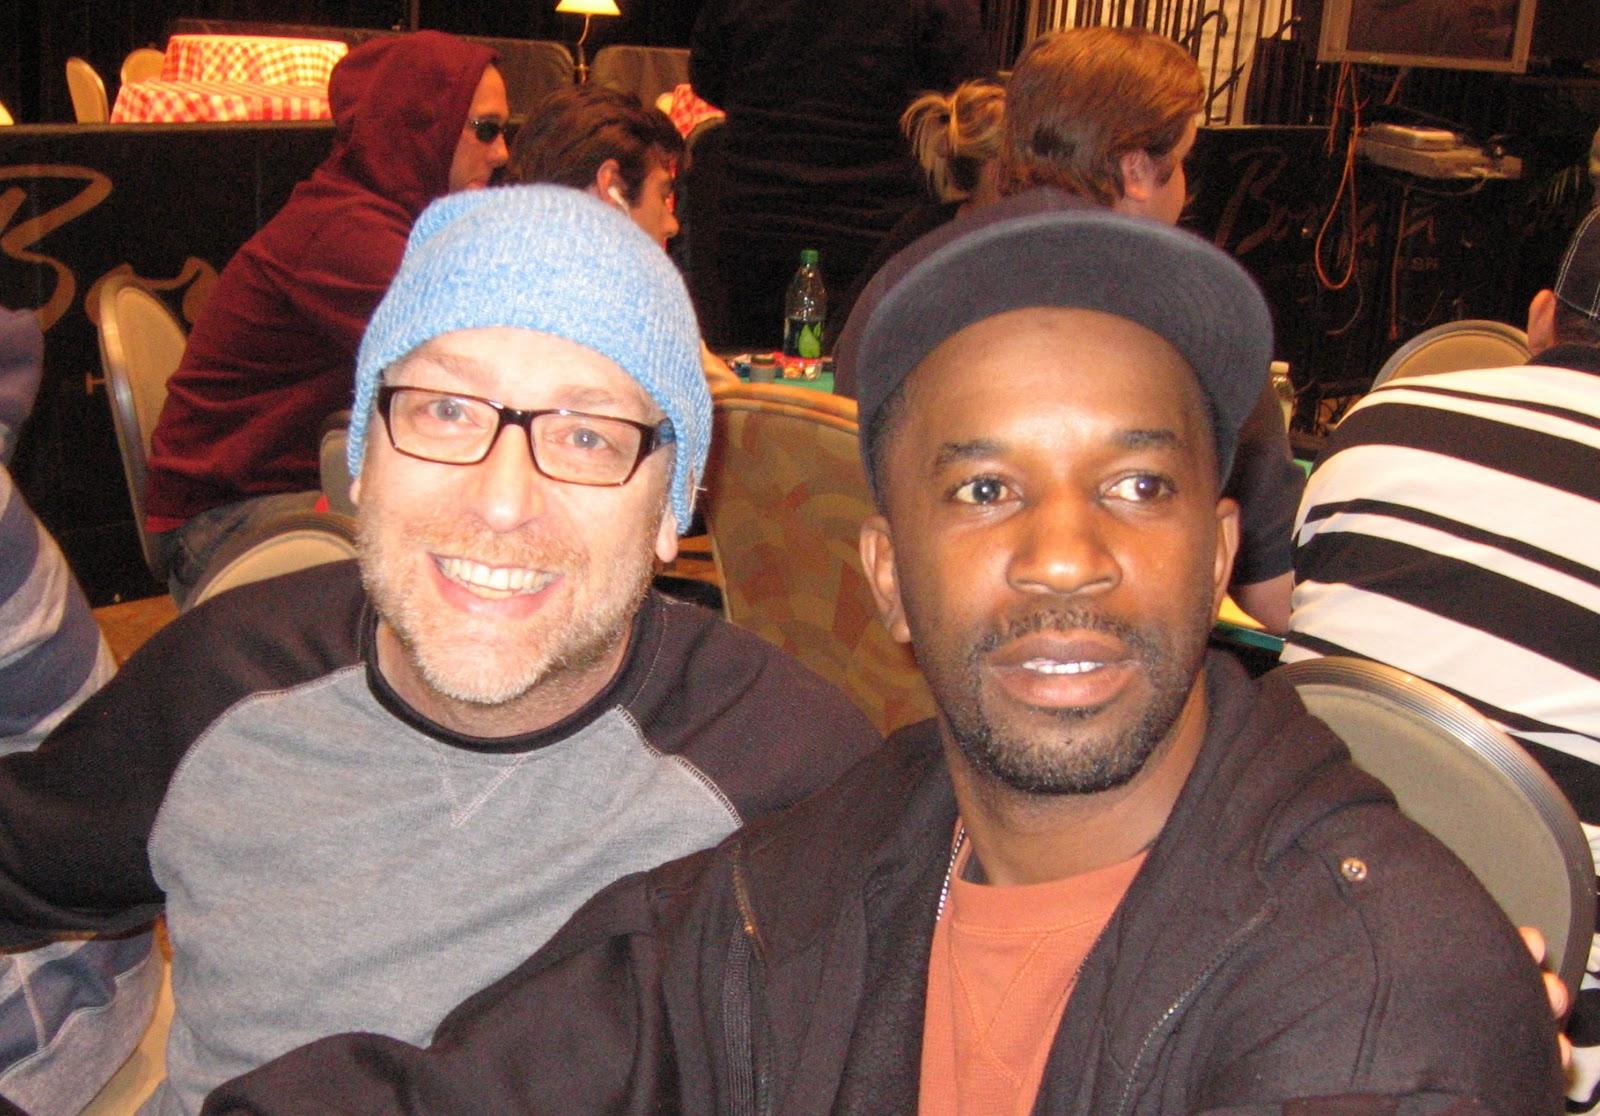 http://3.bp.blogspot.com/-47w4gn3aTWY/TxdJtLg0uFI/AAAAAAAACb0/GRgrJiG0rZE/s1600/Michael+Shasho+George+Burns.JPG